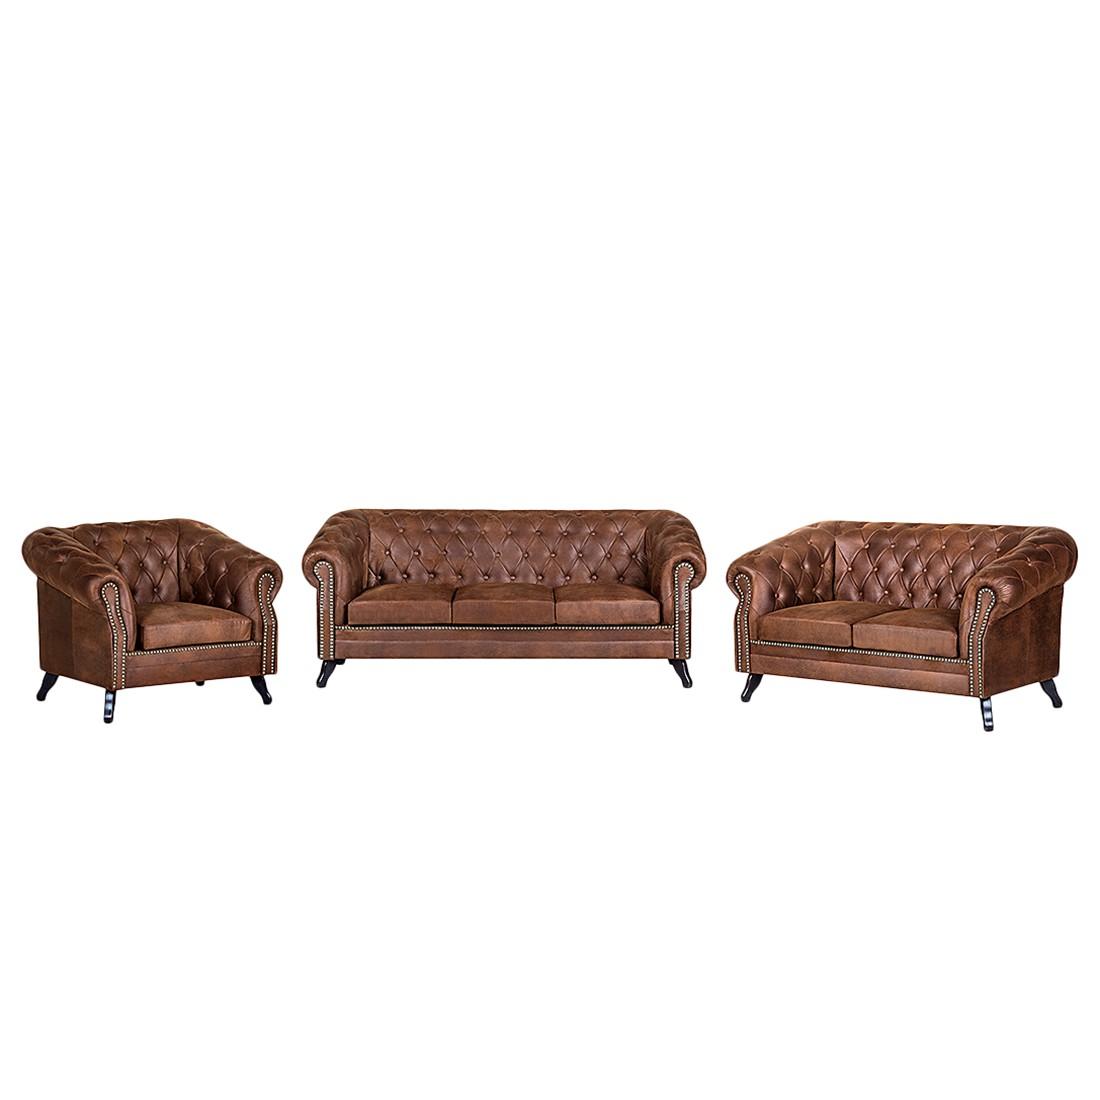 goedkoop Gestoffeerde meubelset Benavente 3zitsbank 2zitsbank en fauteuil bruine antiek leren look ars manufacti